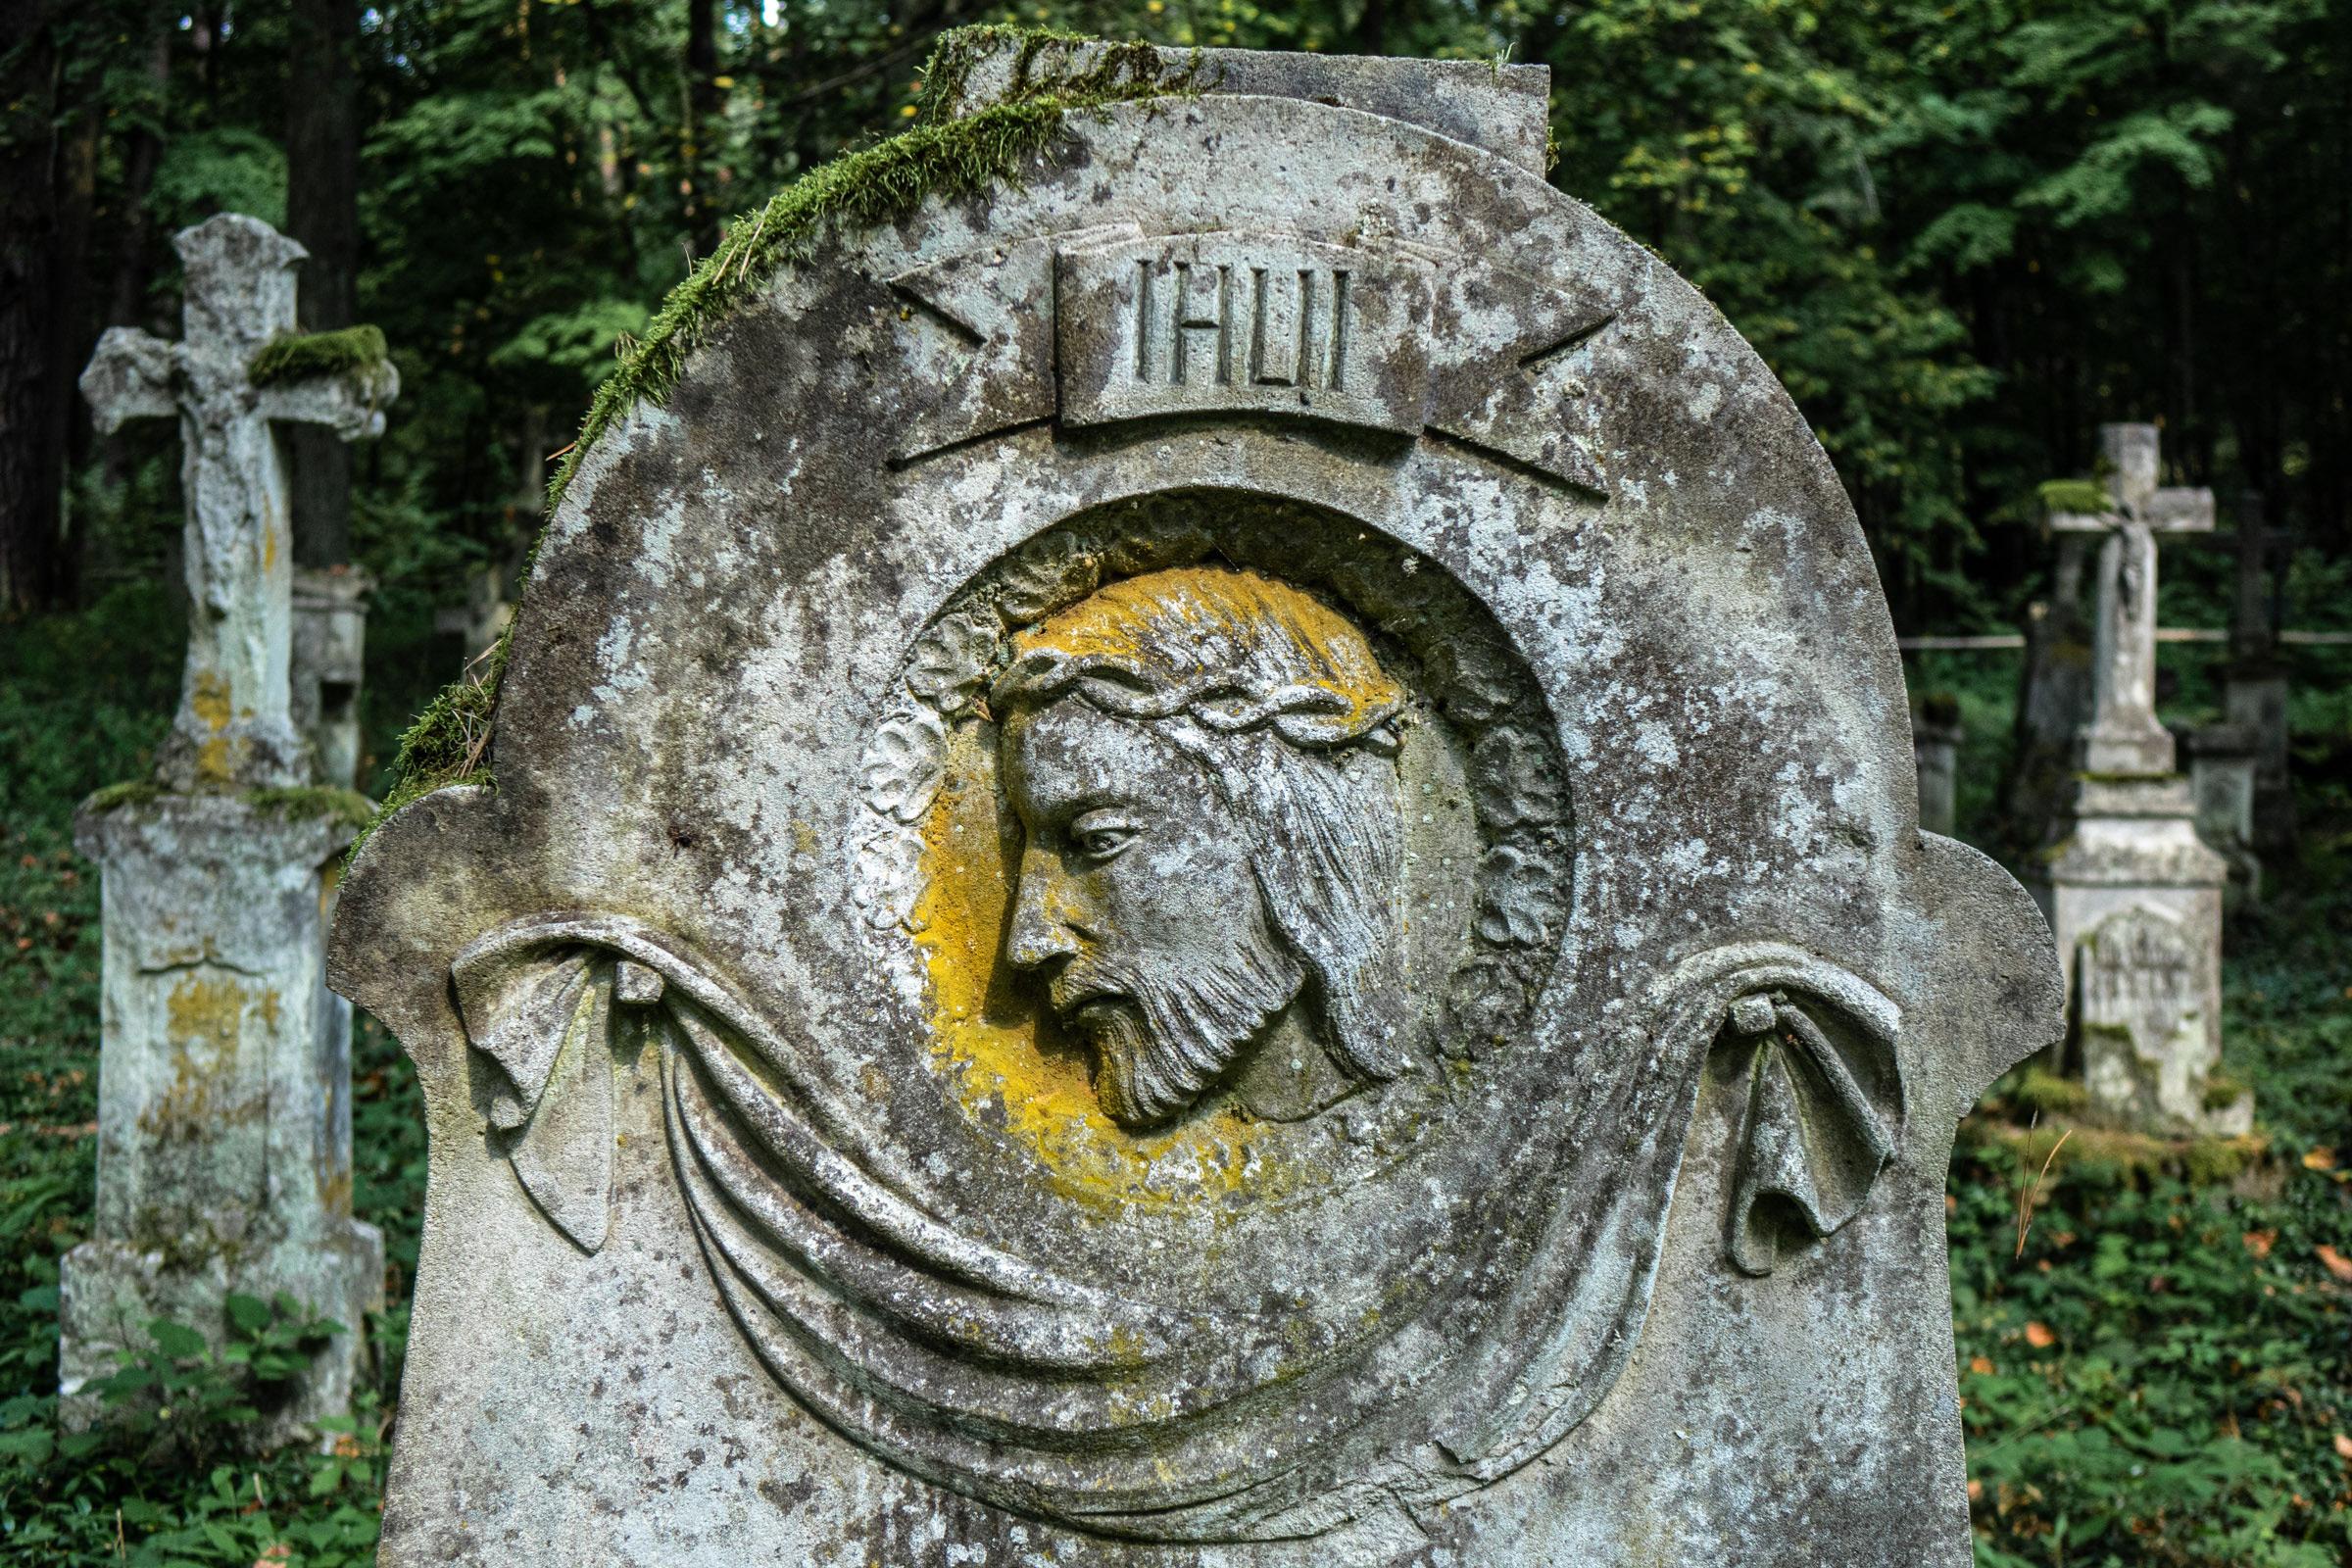 Jeden z nagrobków na cmentarzu w Starym Bruśnie. fot. Krzysztof Zajączkowski.